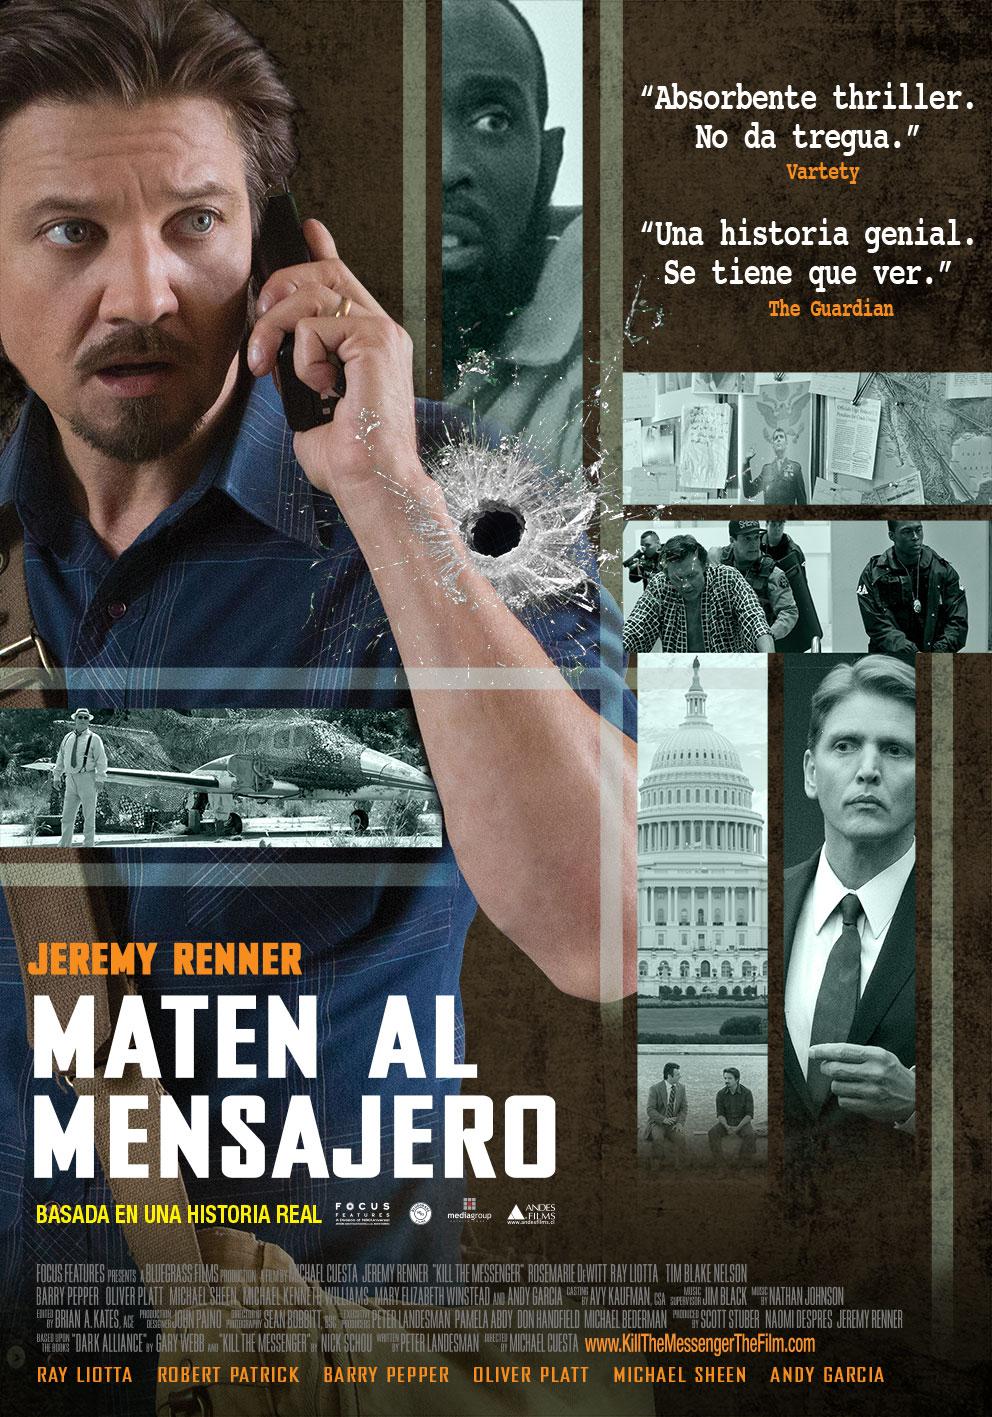 http://www.andesfilms.com.pe/maten-al-mensajero/